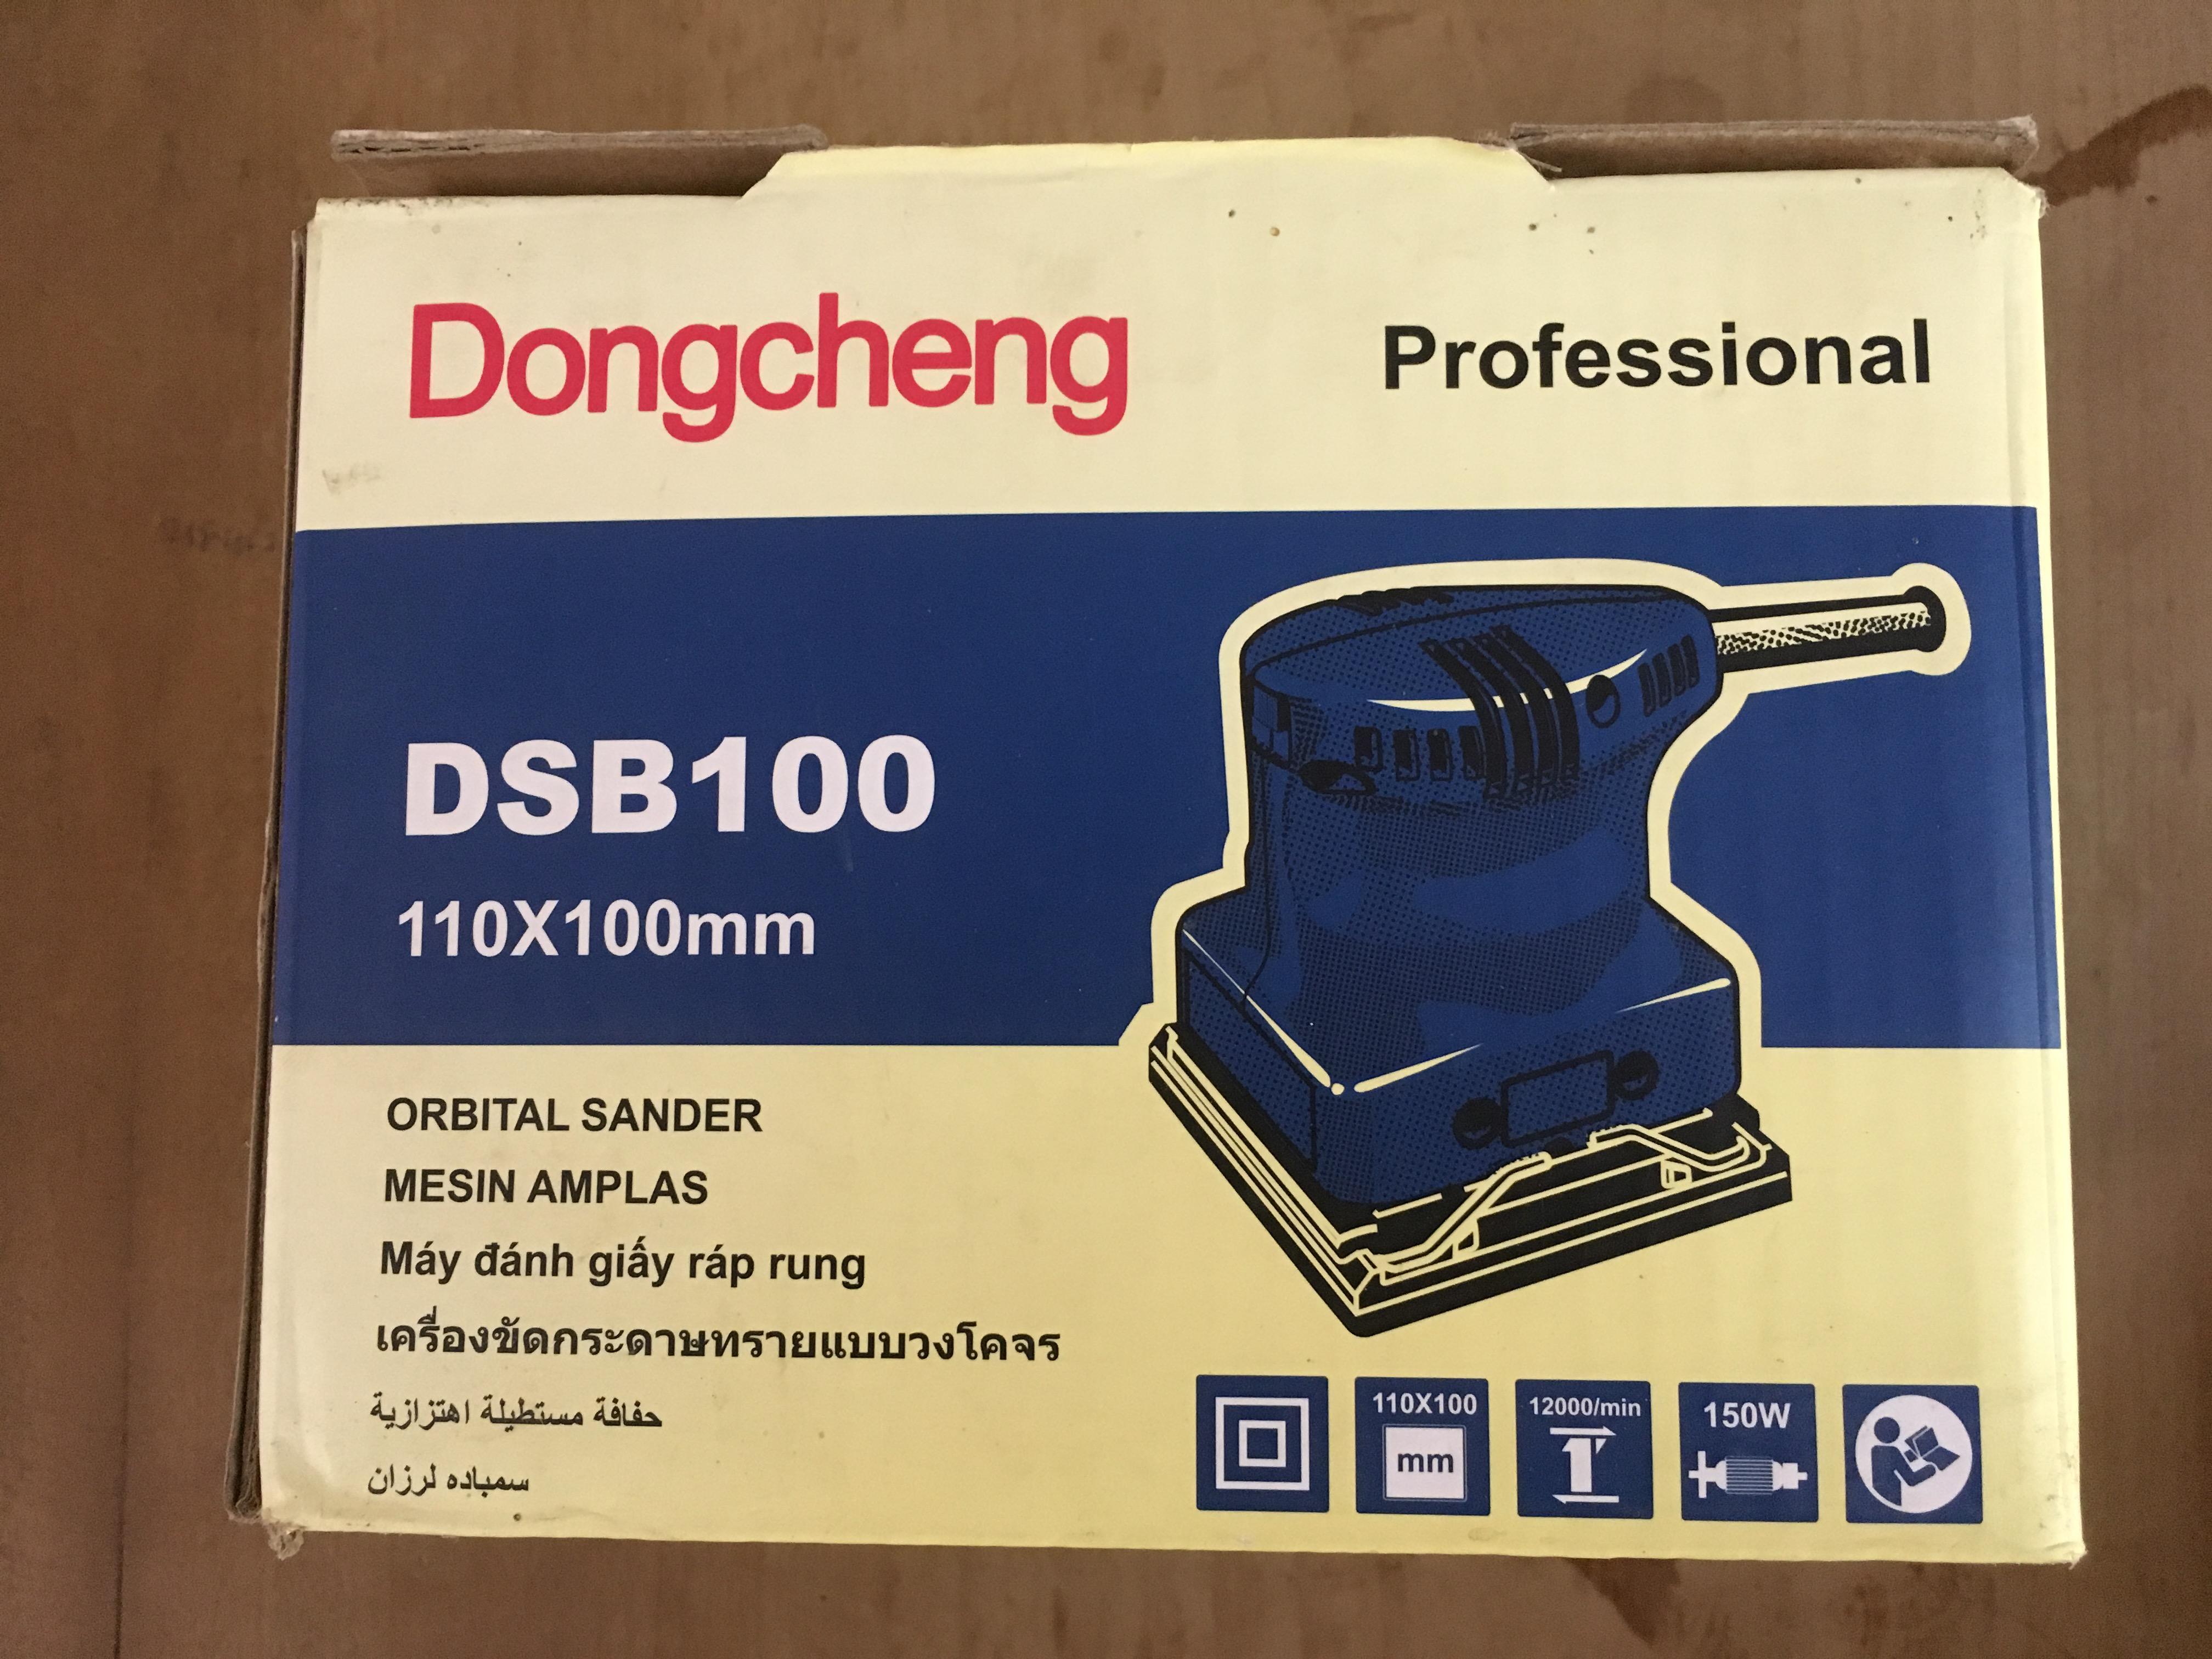 Máy đánh giấy ráp DongCheng DSB100 {CHGT}